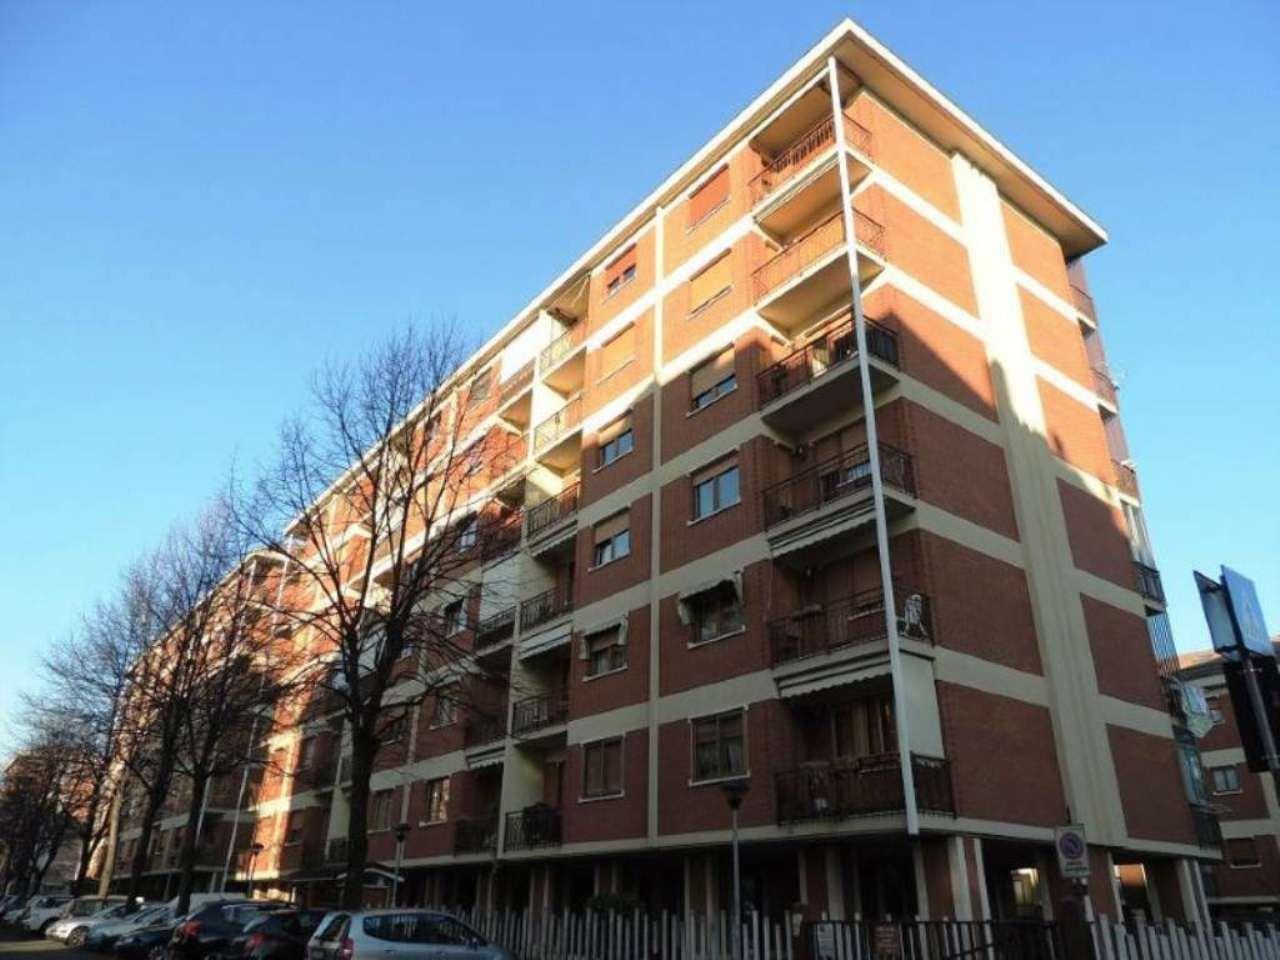 Appartamento in vendita a Collegno, 4 locali, prezzo € 175.000 | Cambio Casa.it